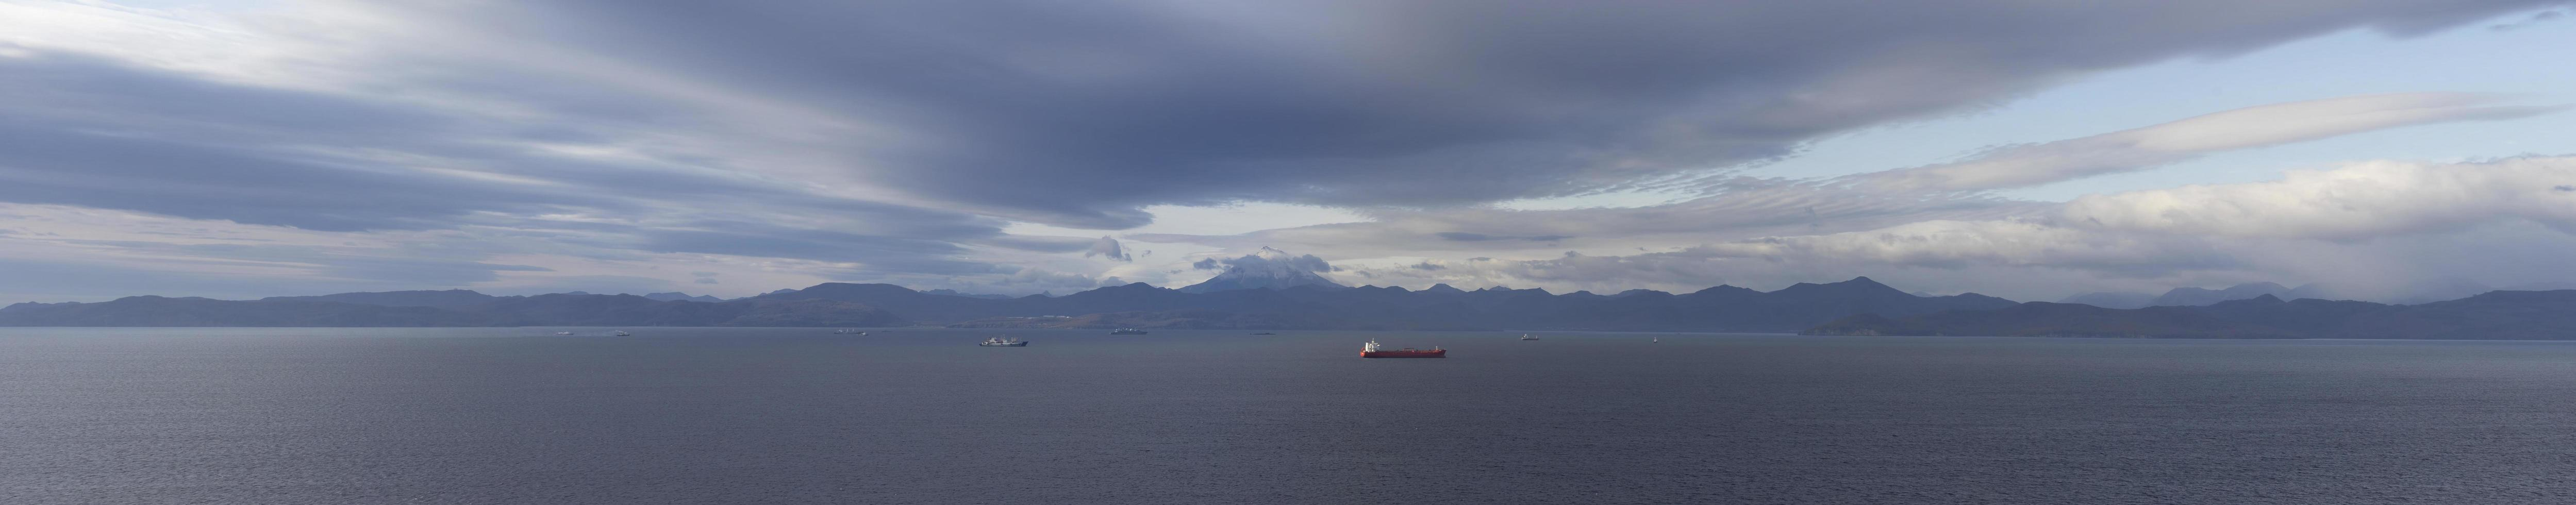 panorama van de baai van Avacha met uitzicht op de vulkaan Viluchinsky. foto